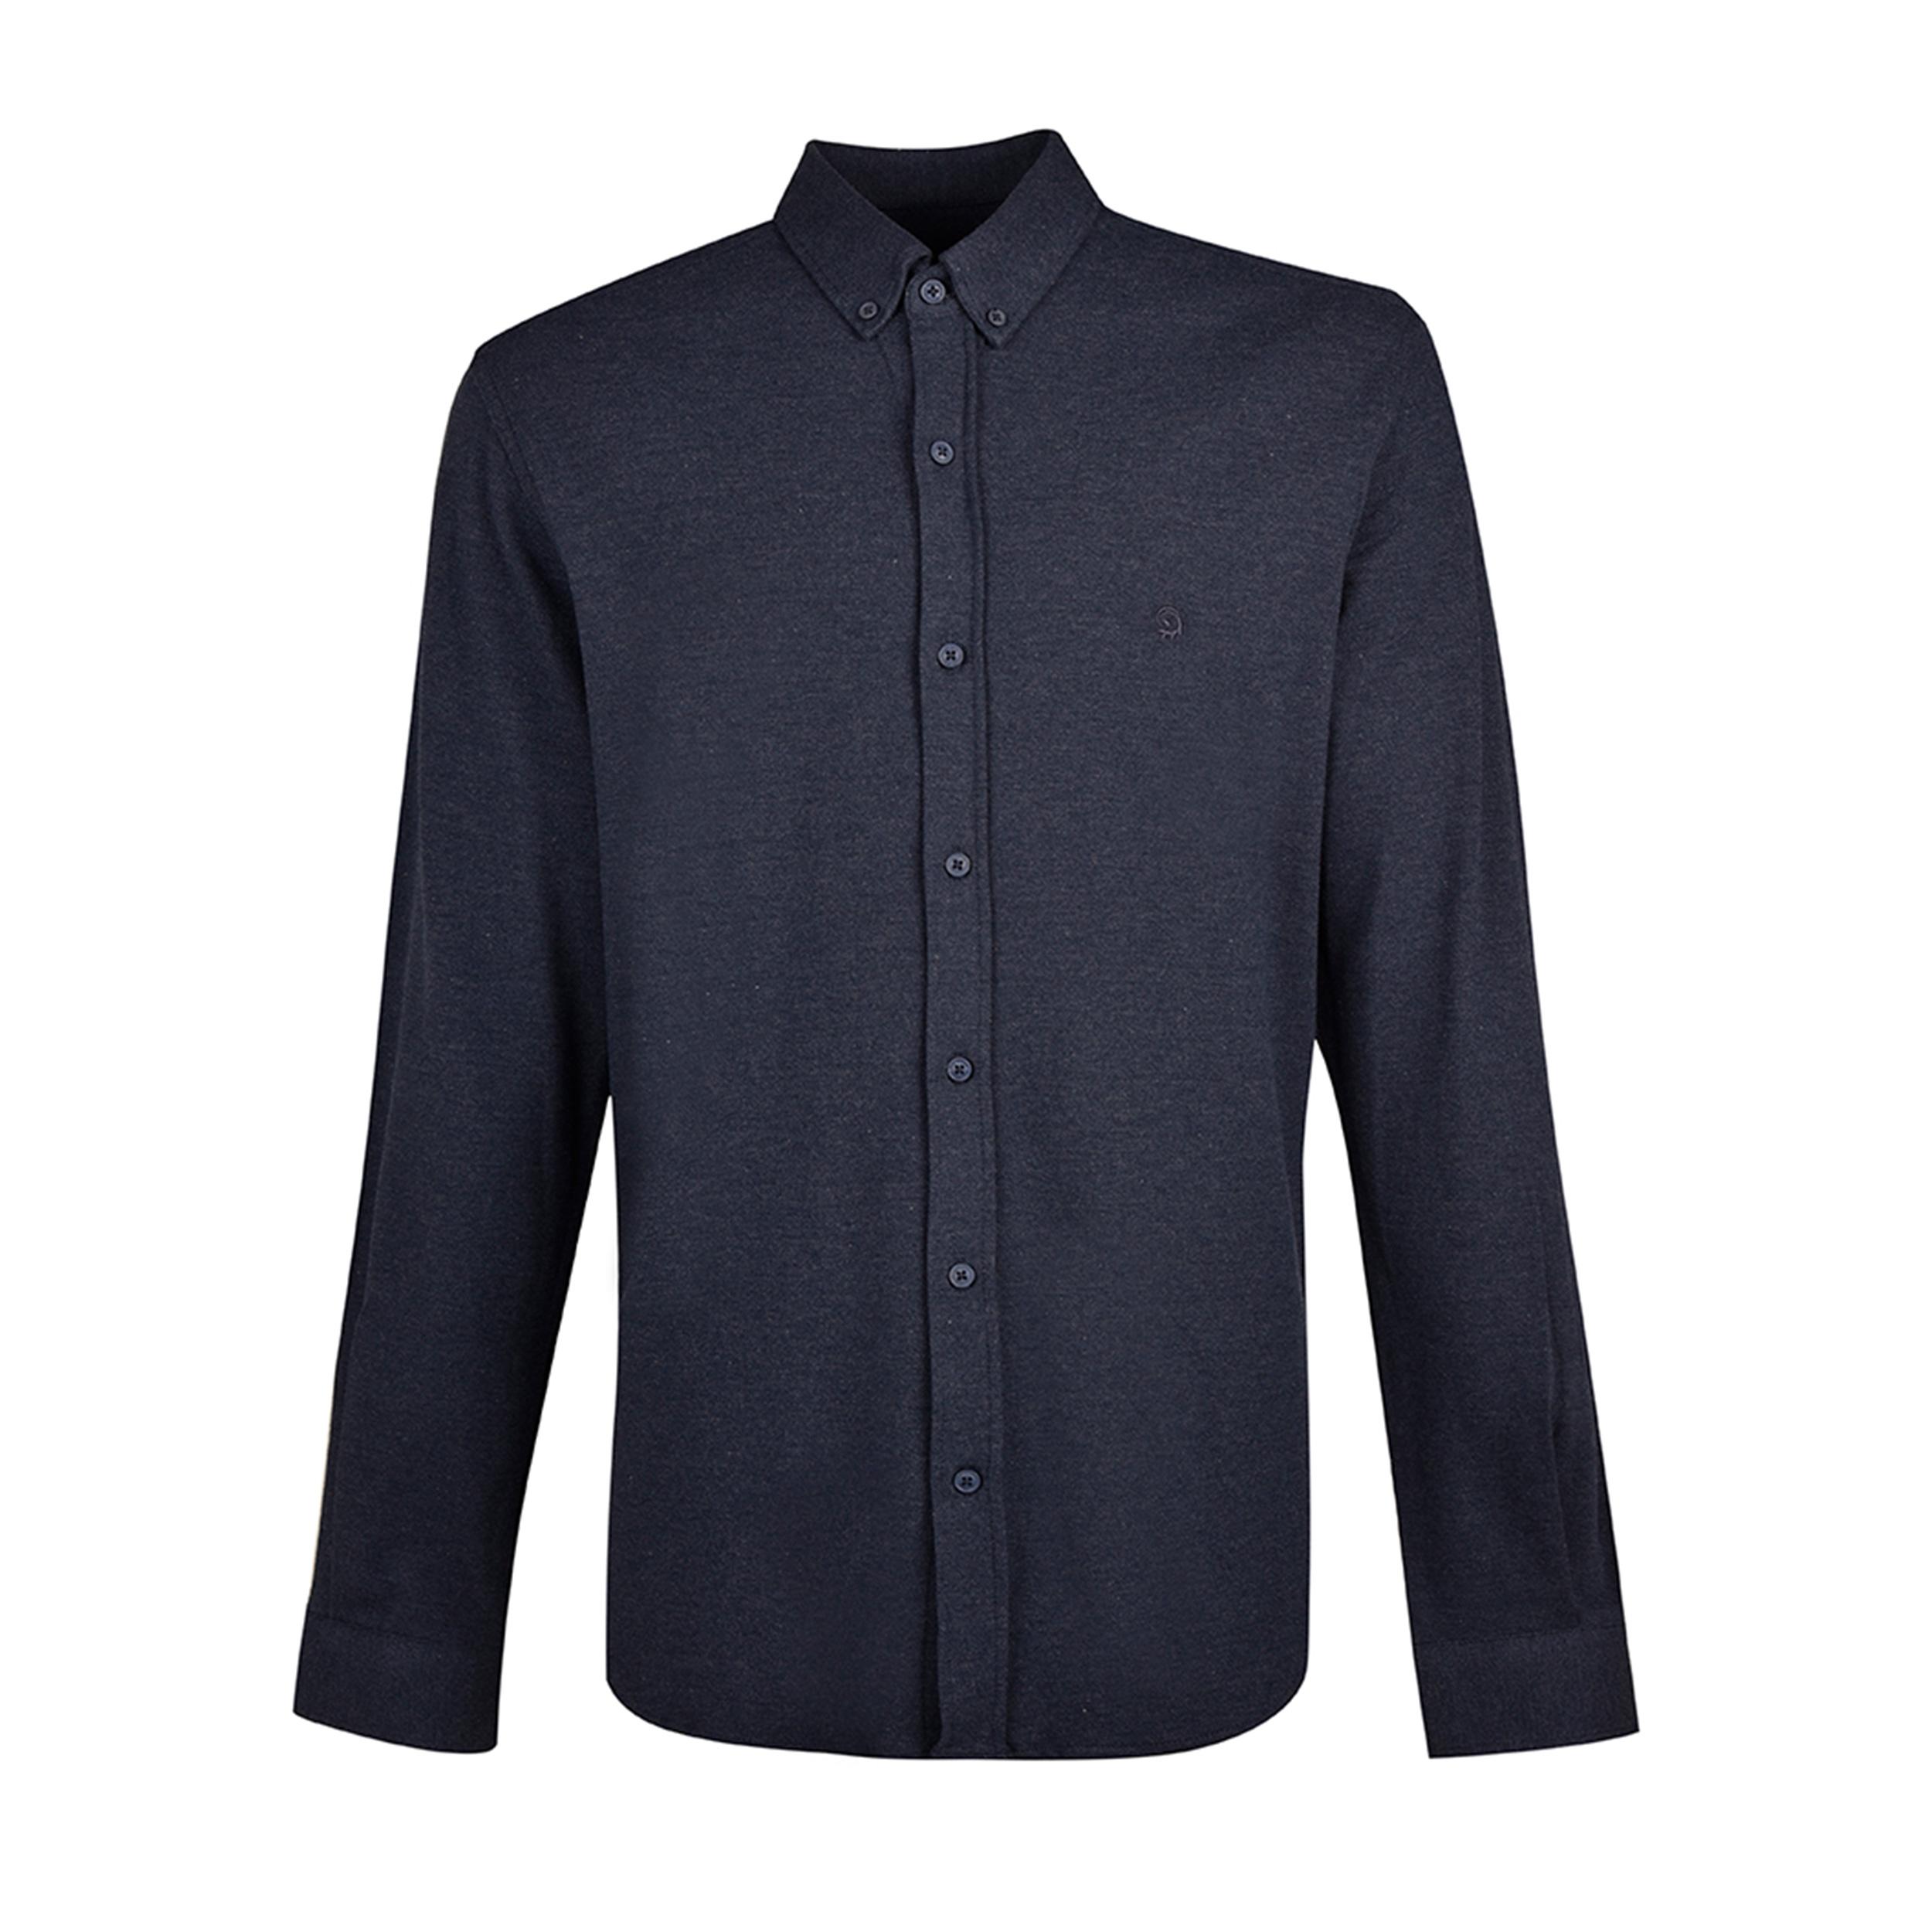 پیراهن آستین بلند مردانه بادی اسپینر مدل 1105 کد 1 رنگ سرمه ای